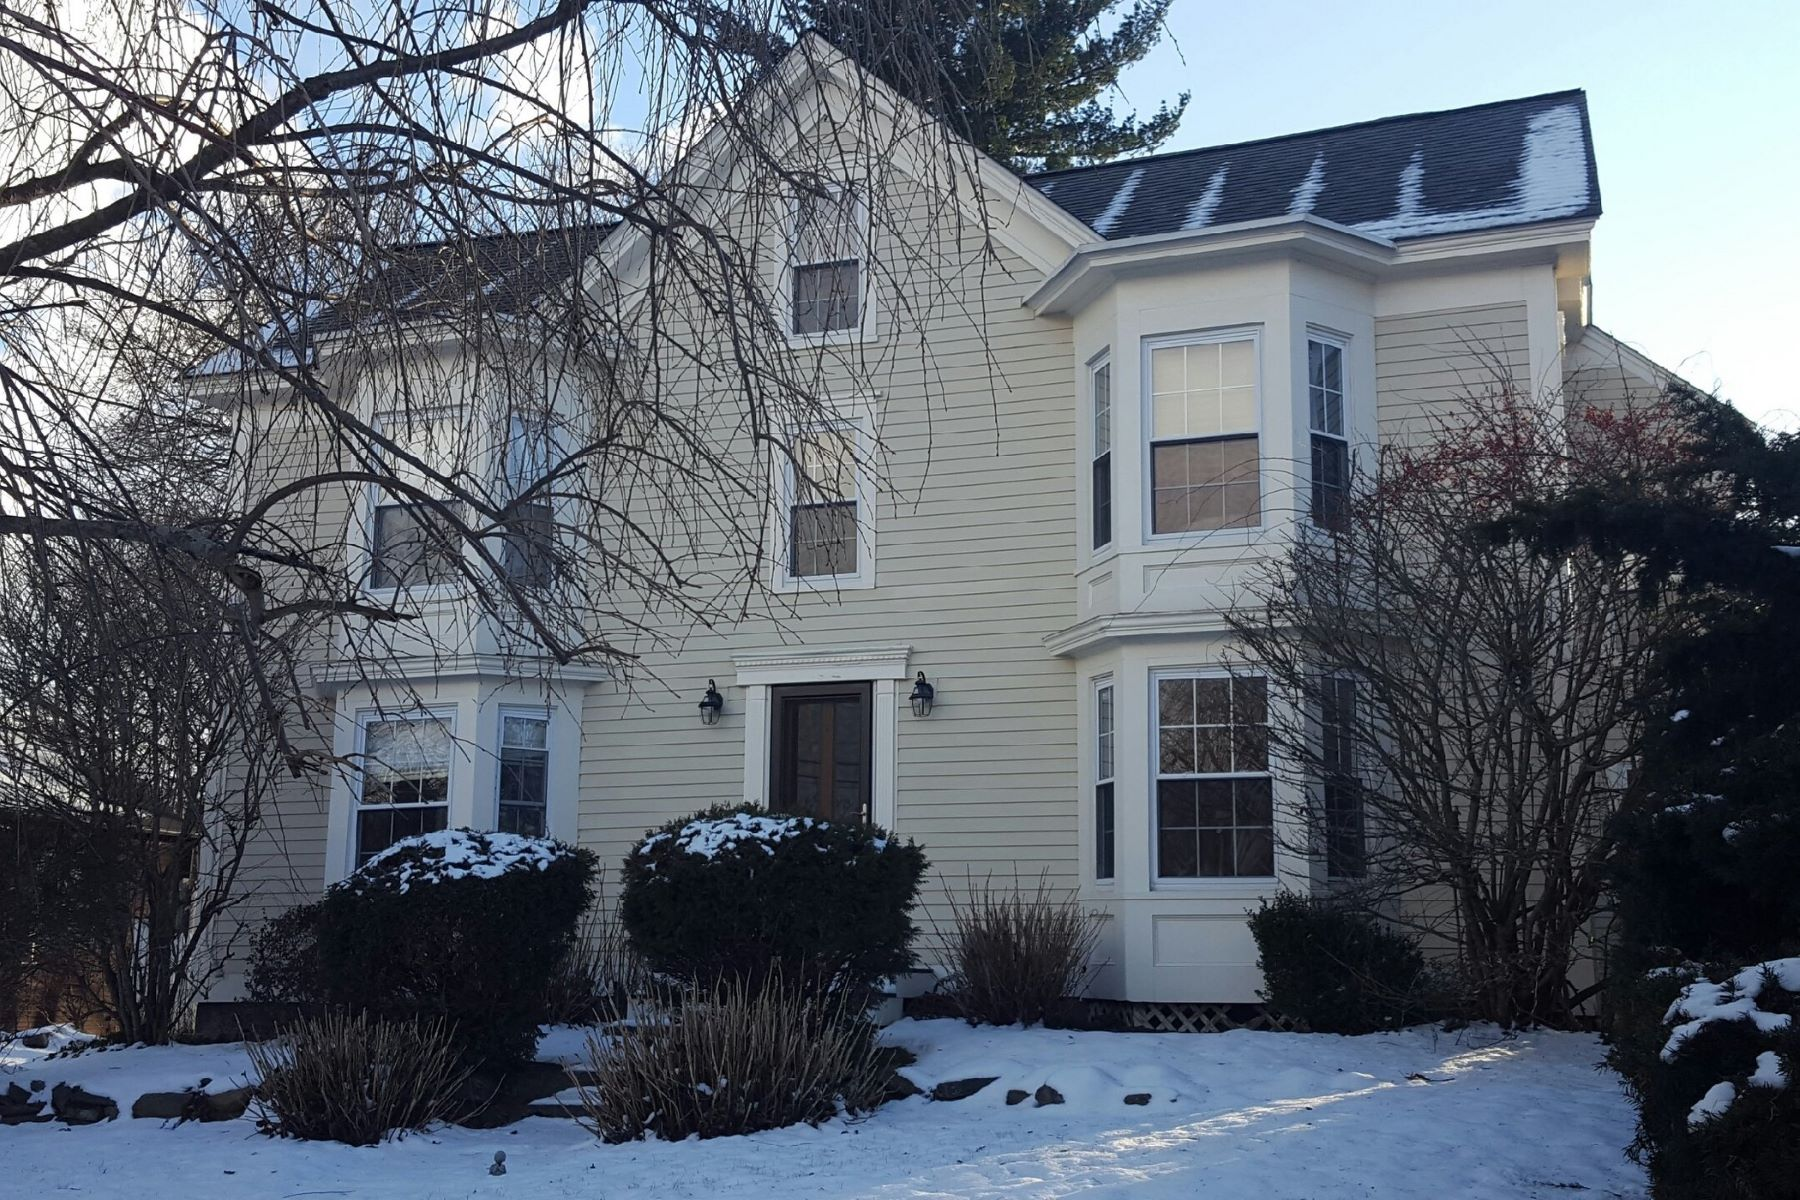 Maison unifamiliale pour l Vente à Recently Renovated Gothic Revival 14 Maple Street Acton, Massachusetts, 01720 États-Unis